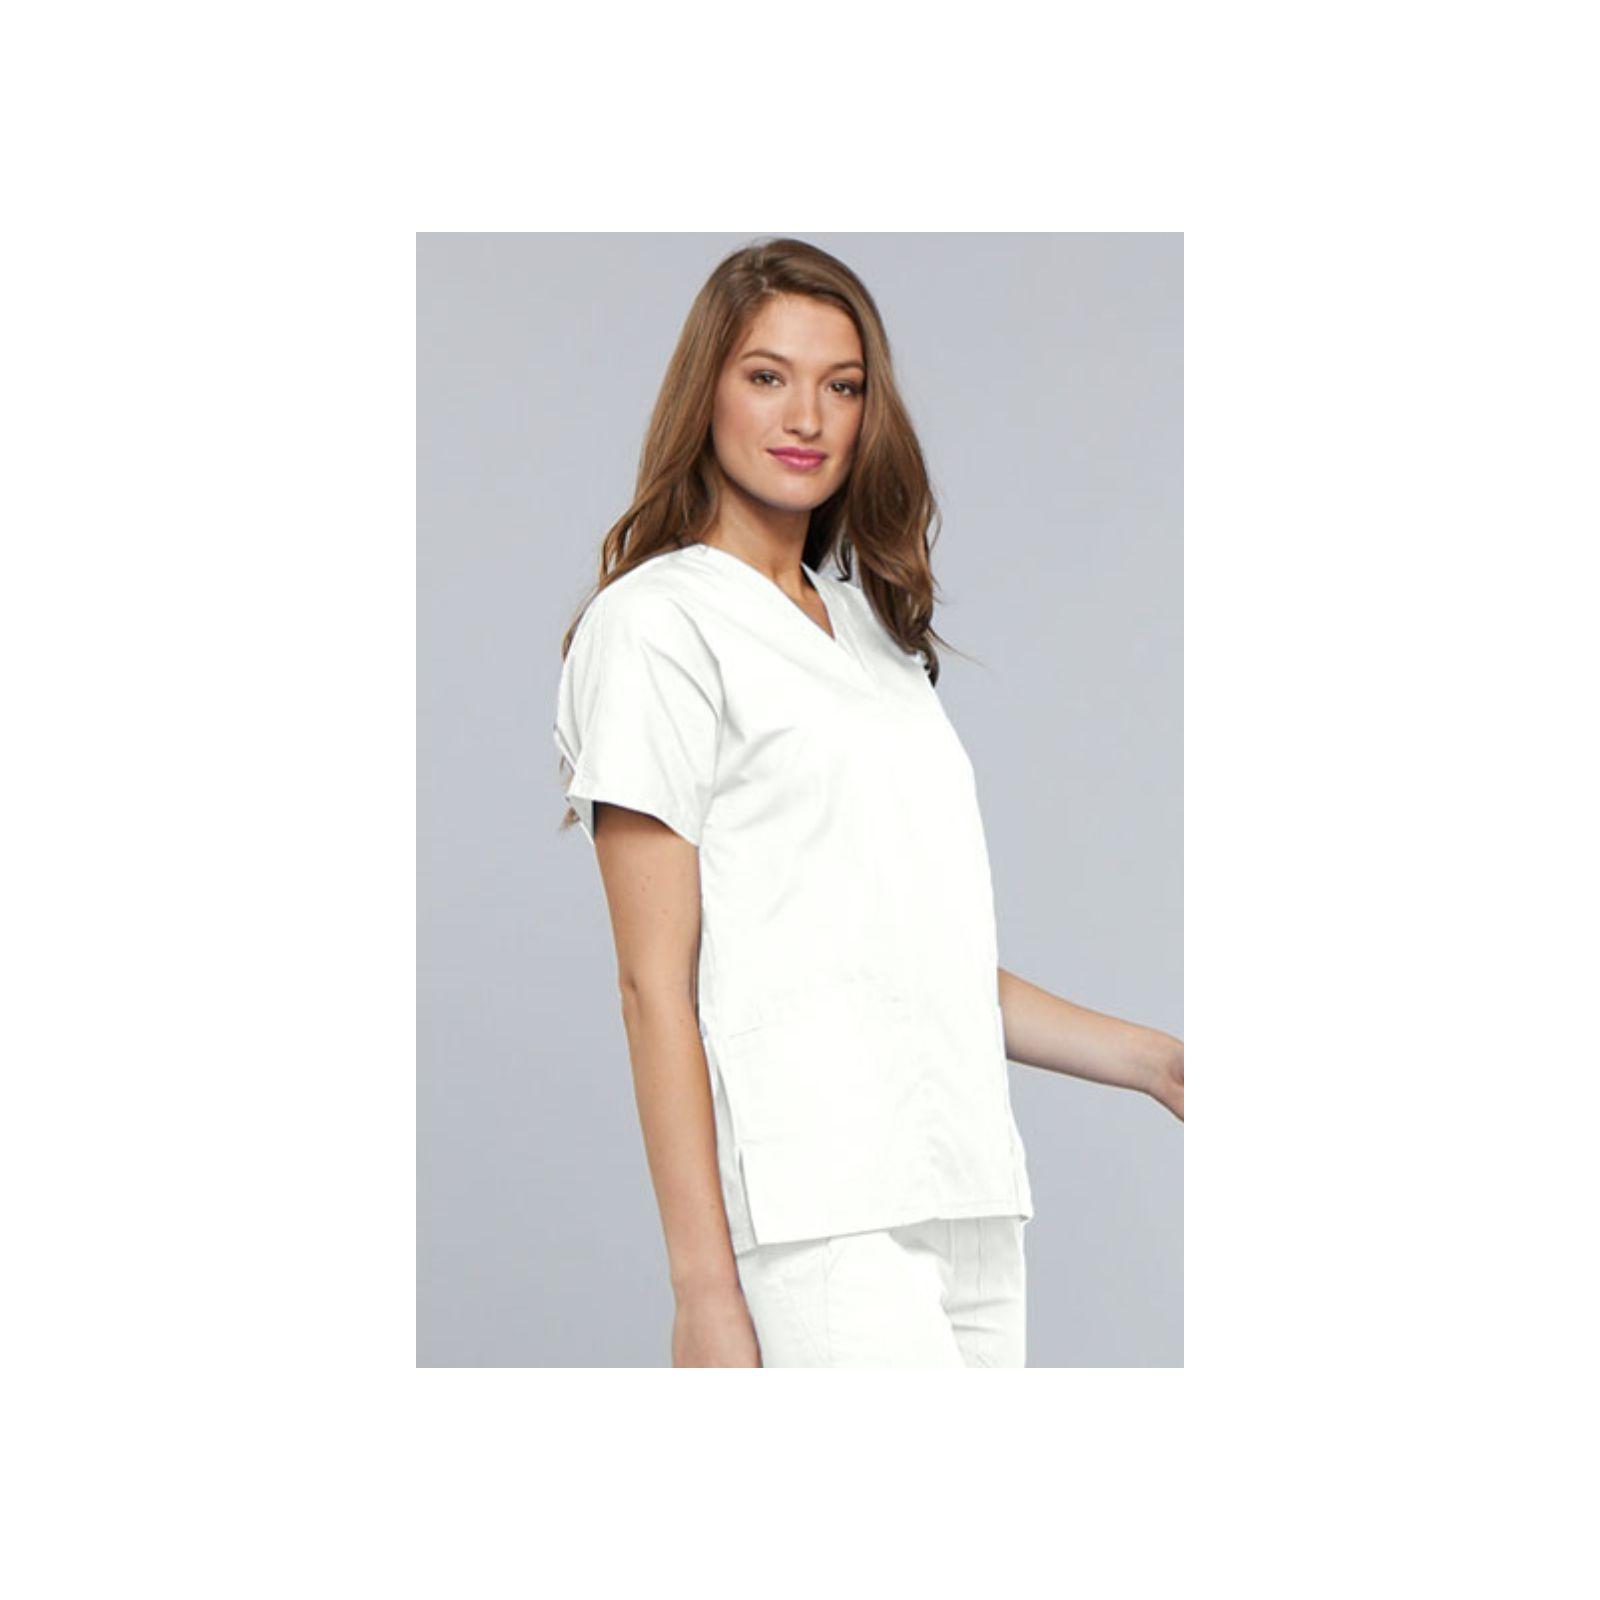 Blouse médicale blanche Unisexe, Lavage 60 degrés (CH12) vue femme coté